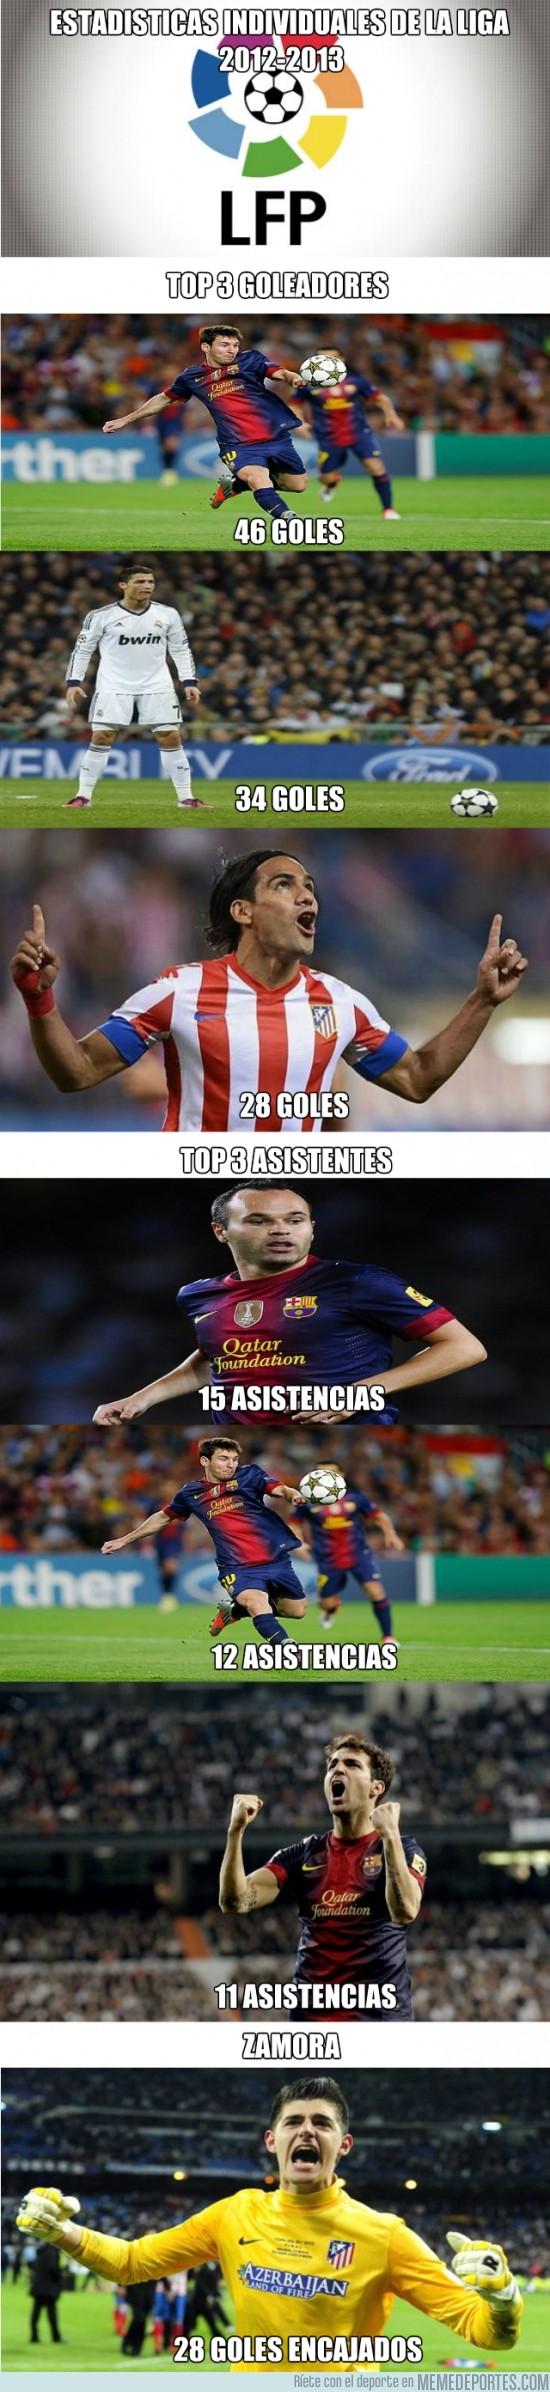 144099 - Estadísticas individuales de la liga española 2012-2013